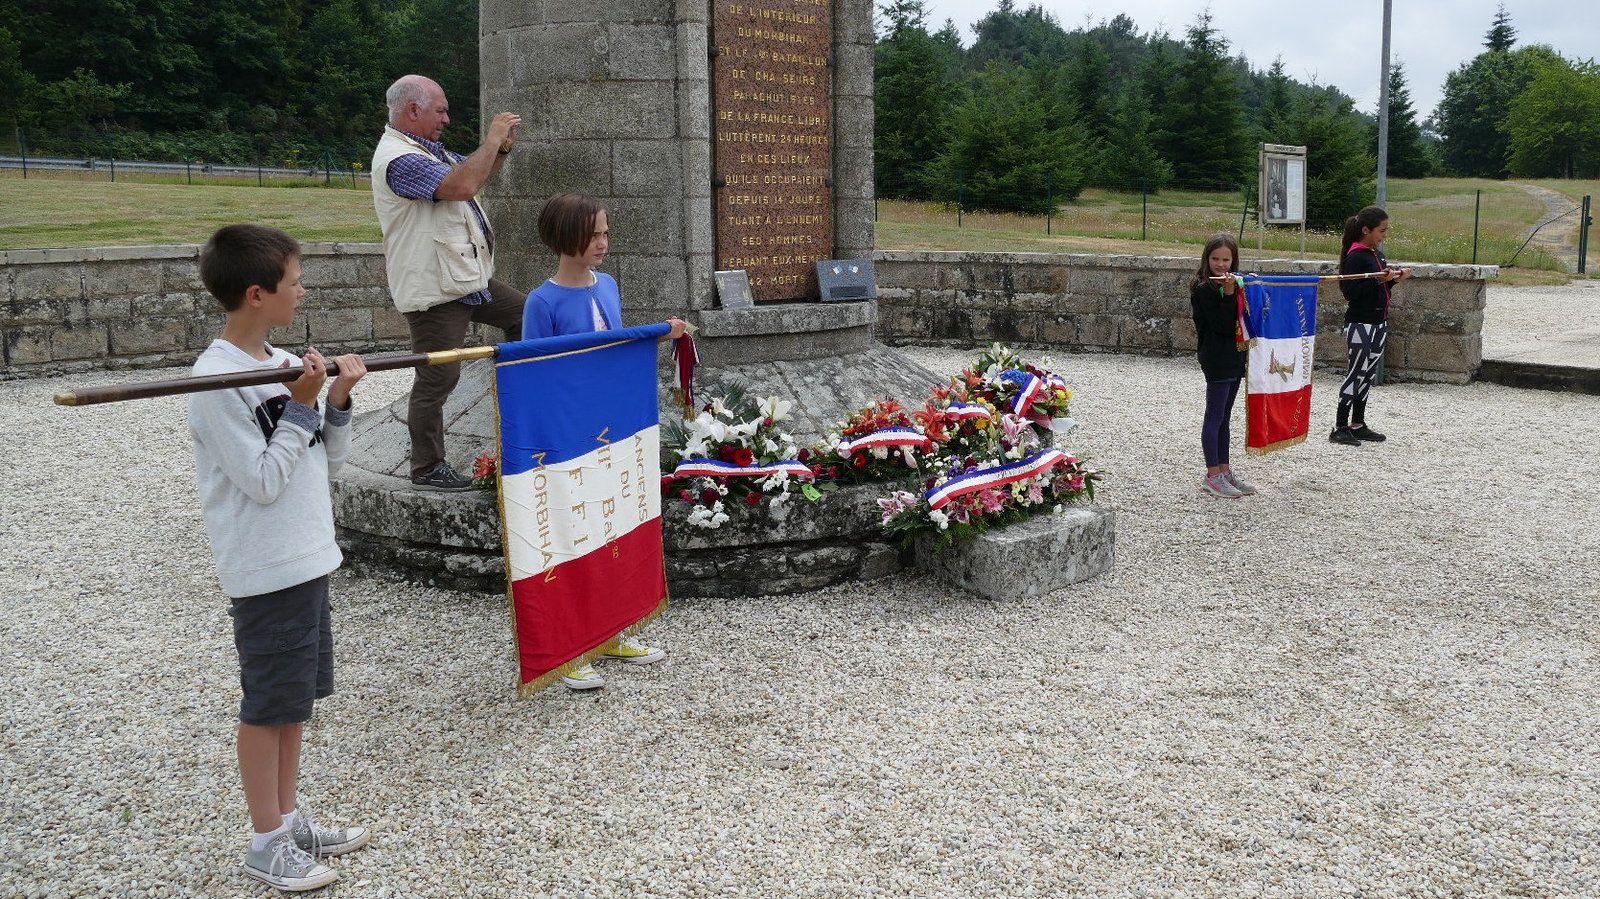 Visite du Musée de la Résistance bretonne - Saint Marcel - Episode 2